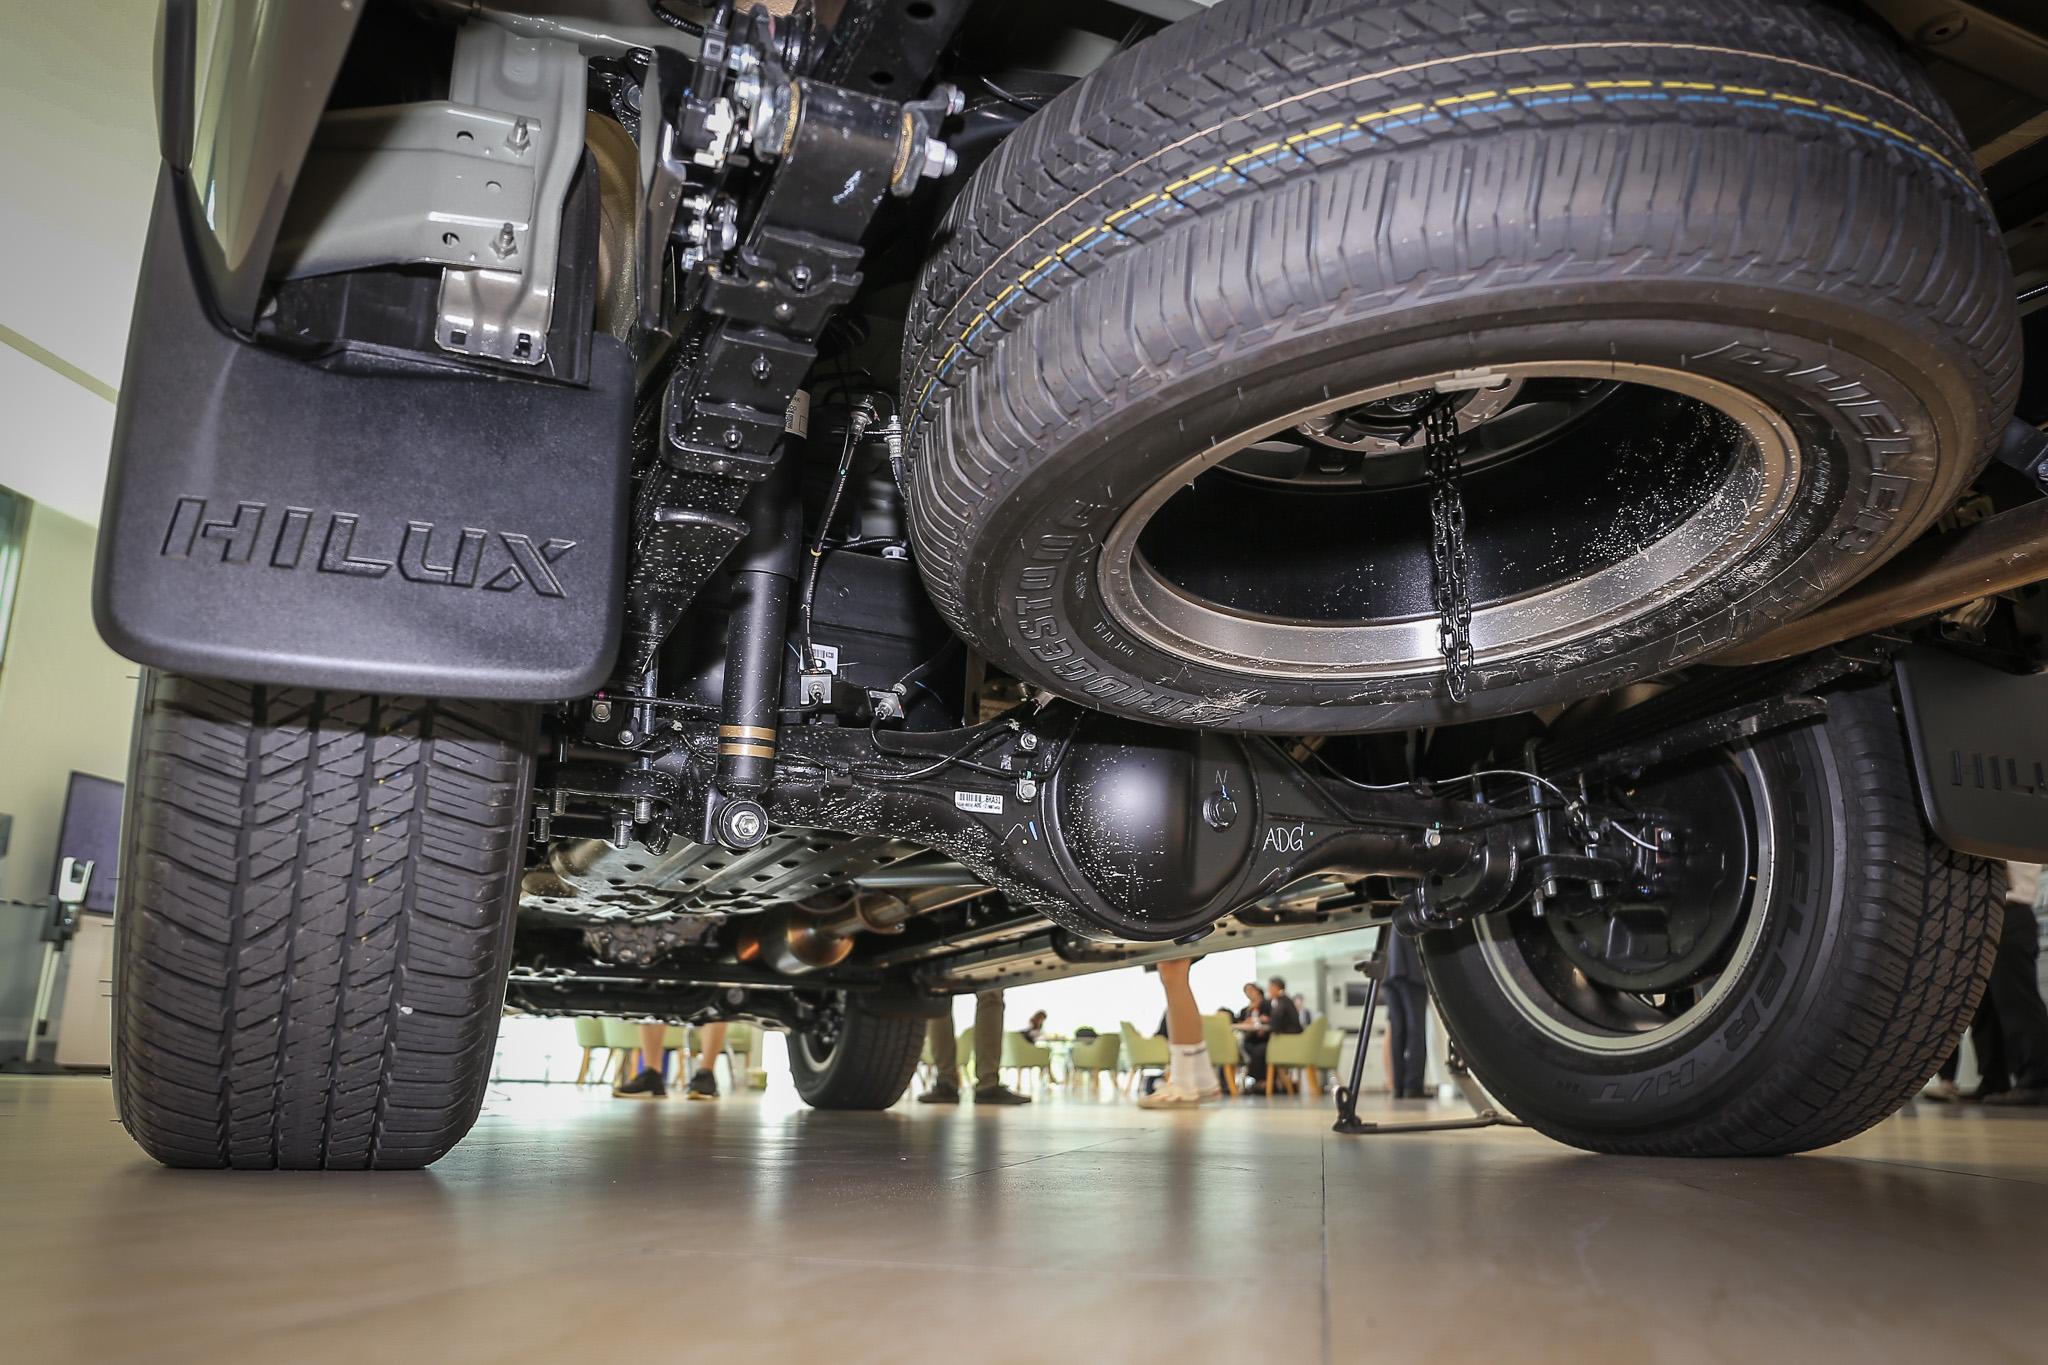 換上全新 Super Flex 高性能舒適化懸吊,透過減震筒重新調校與改善葉片彈簧設計,行路質感可較先前車款明顯提升。